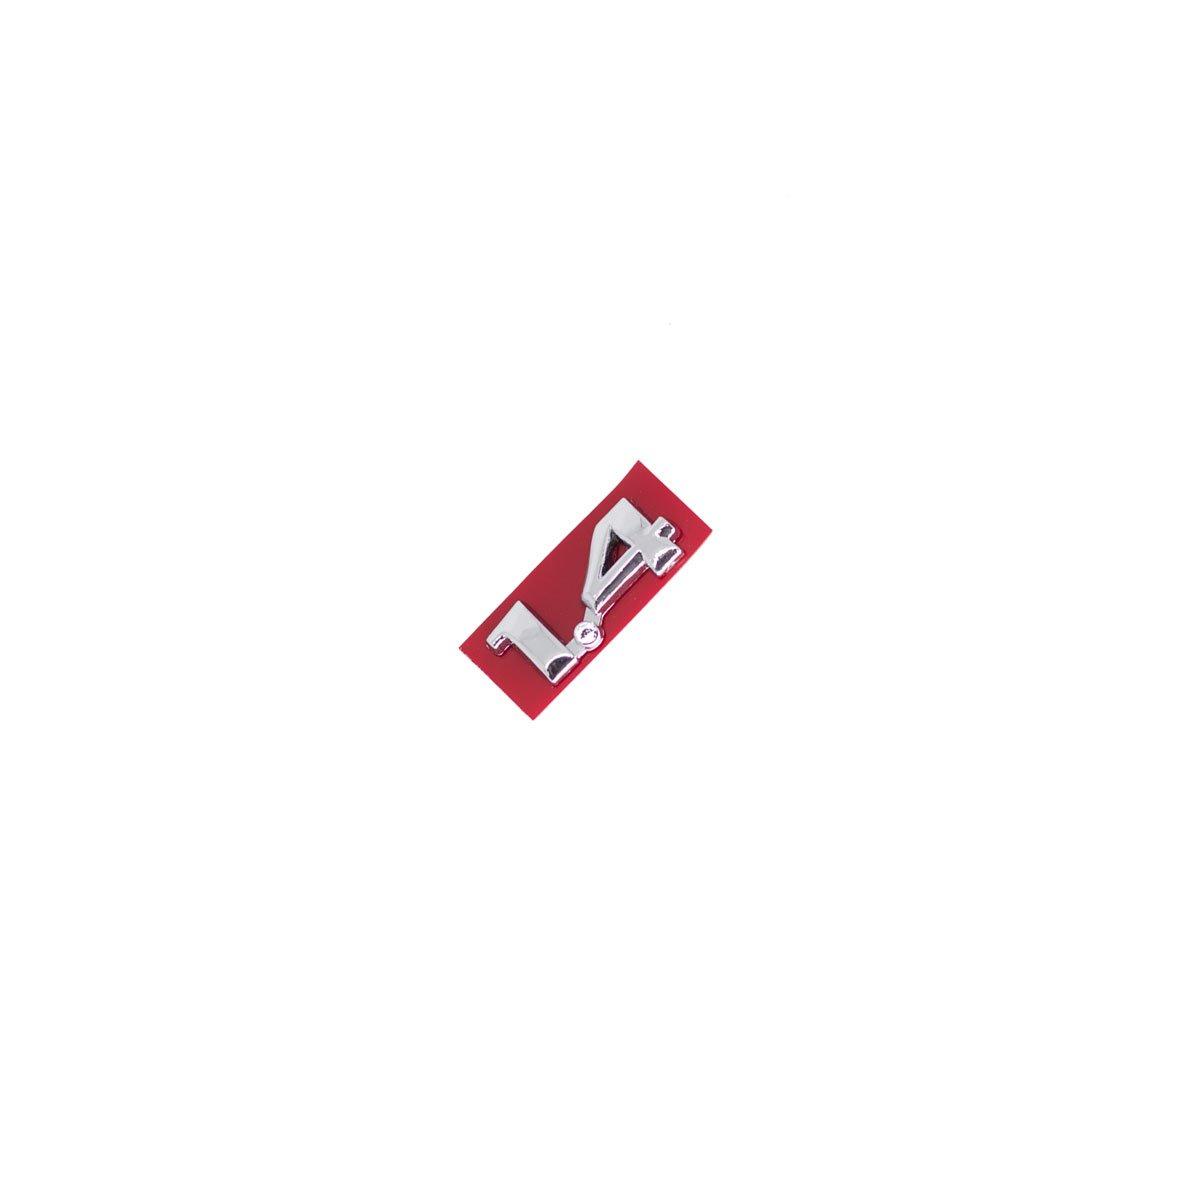 Emblema 1.4 Corsa 96/ Cromado